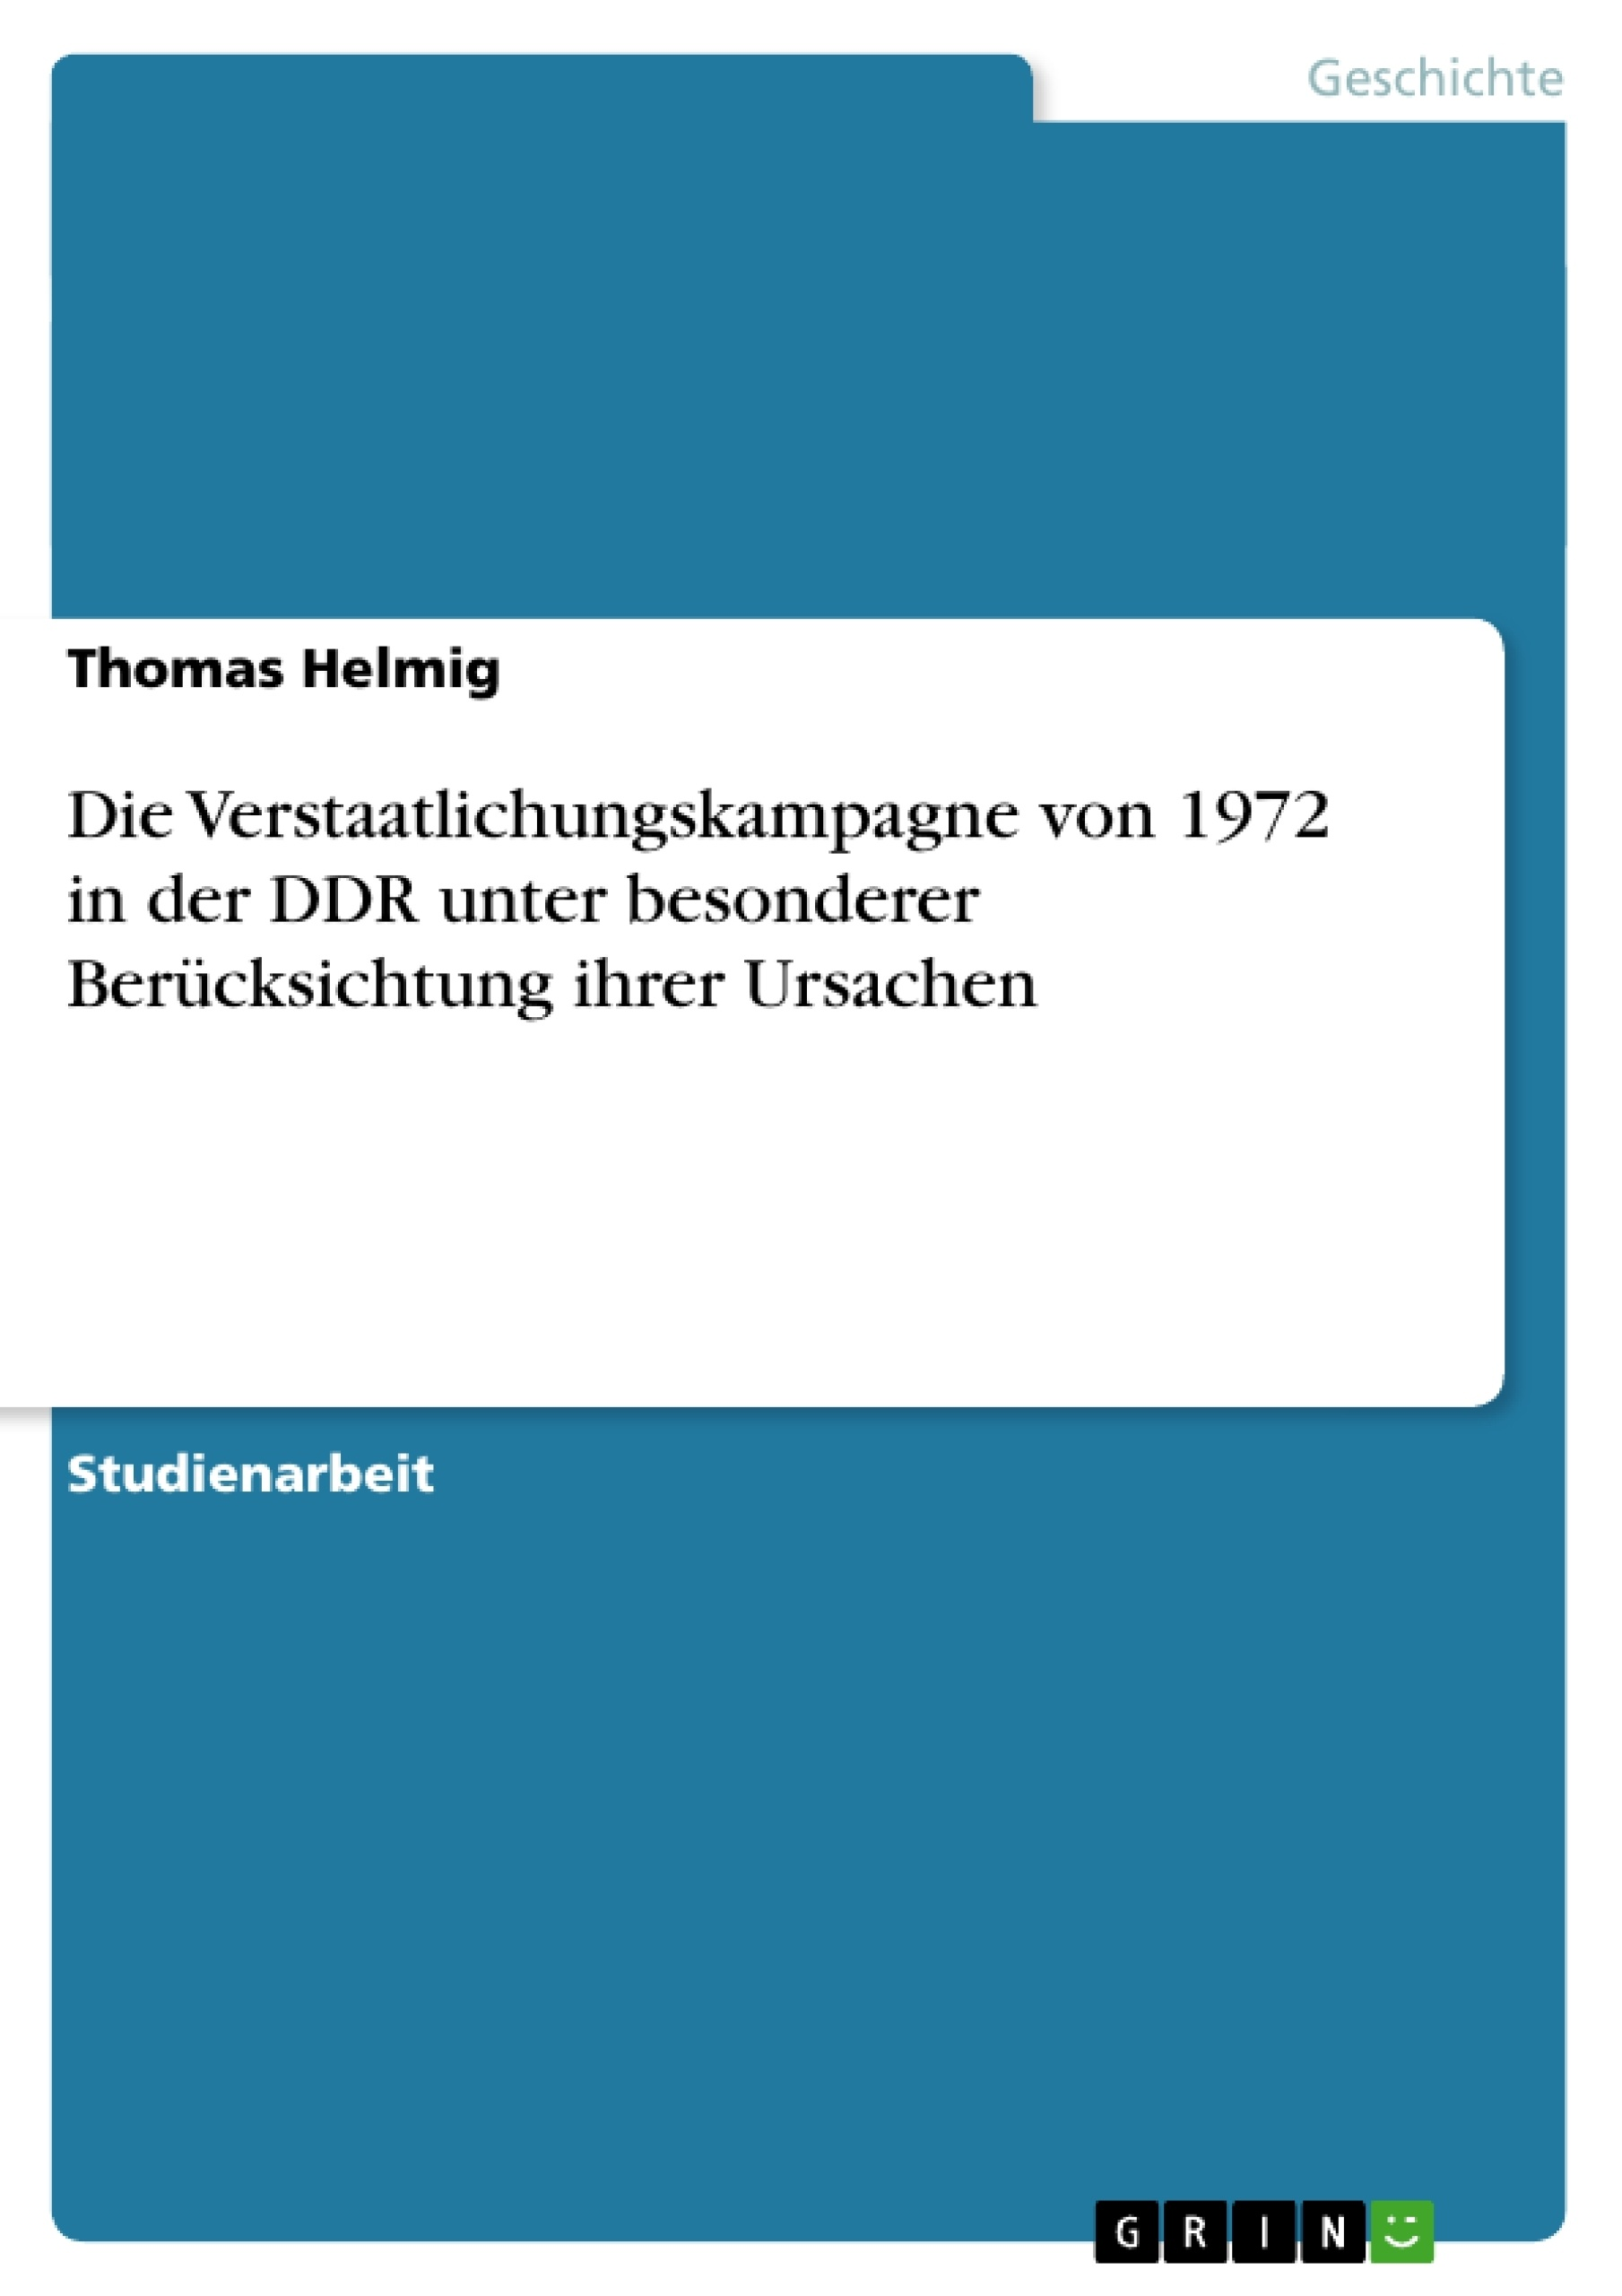 Titel: Die Verstaatlichungskampagne von 1972 in der DDR unter besonderer Berücksichtung ihrer Ursachen